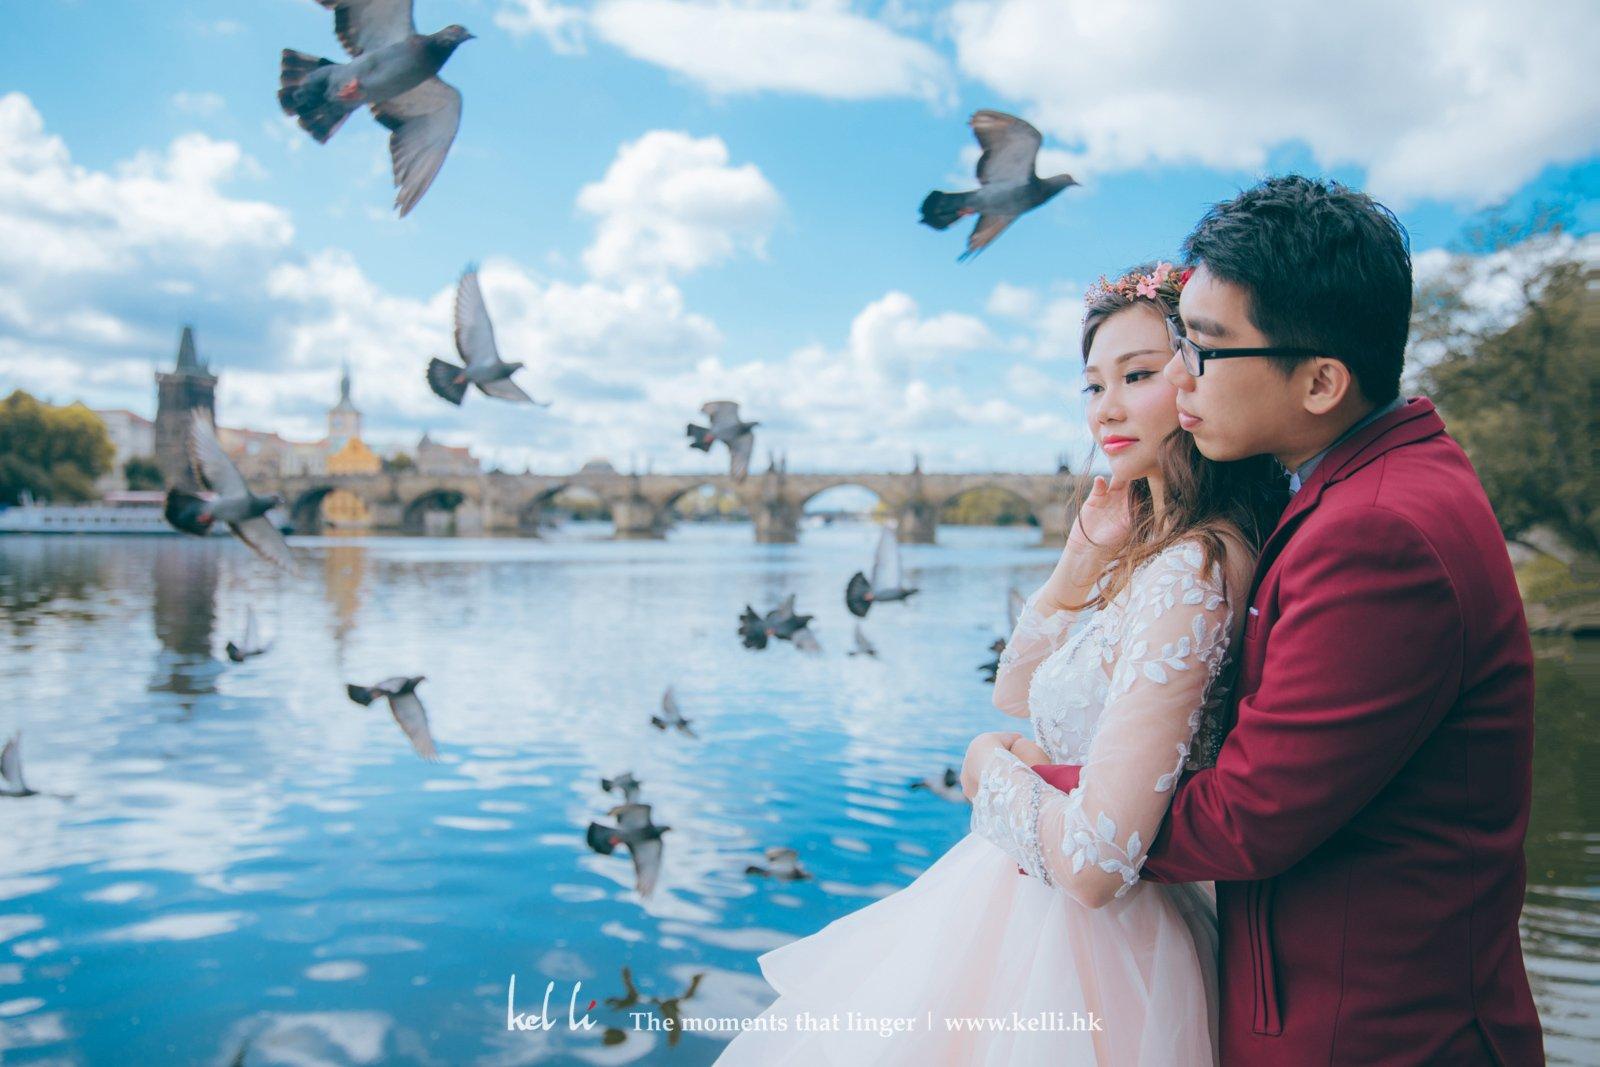 在查理大橋前的鴿子們展翅高飛,仿佛為這對新人送上祝賀